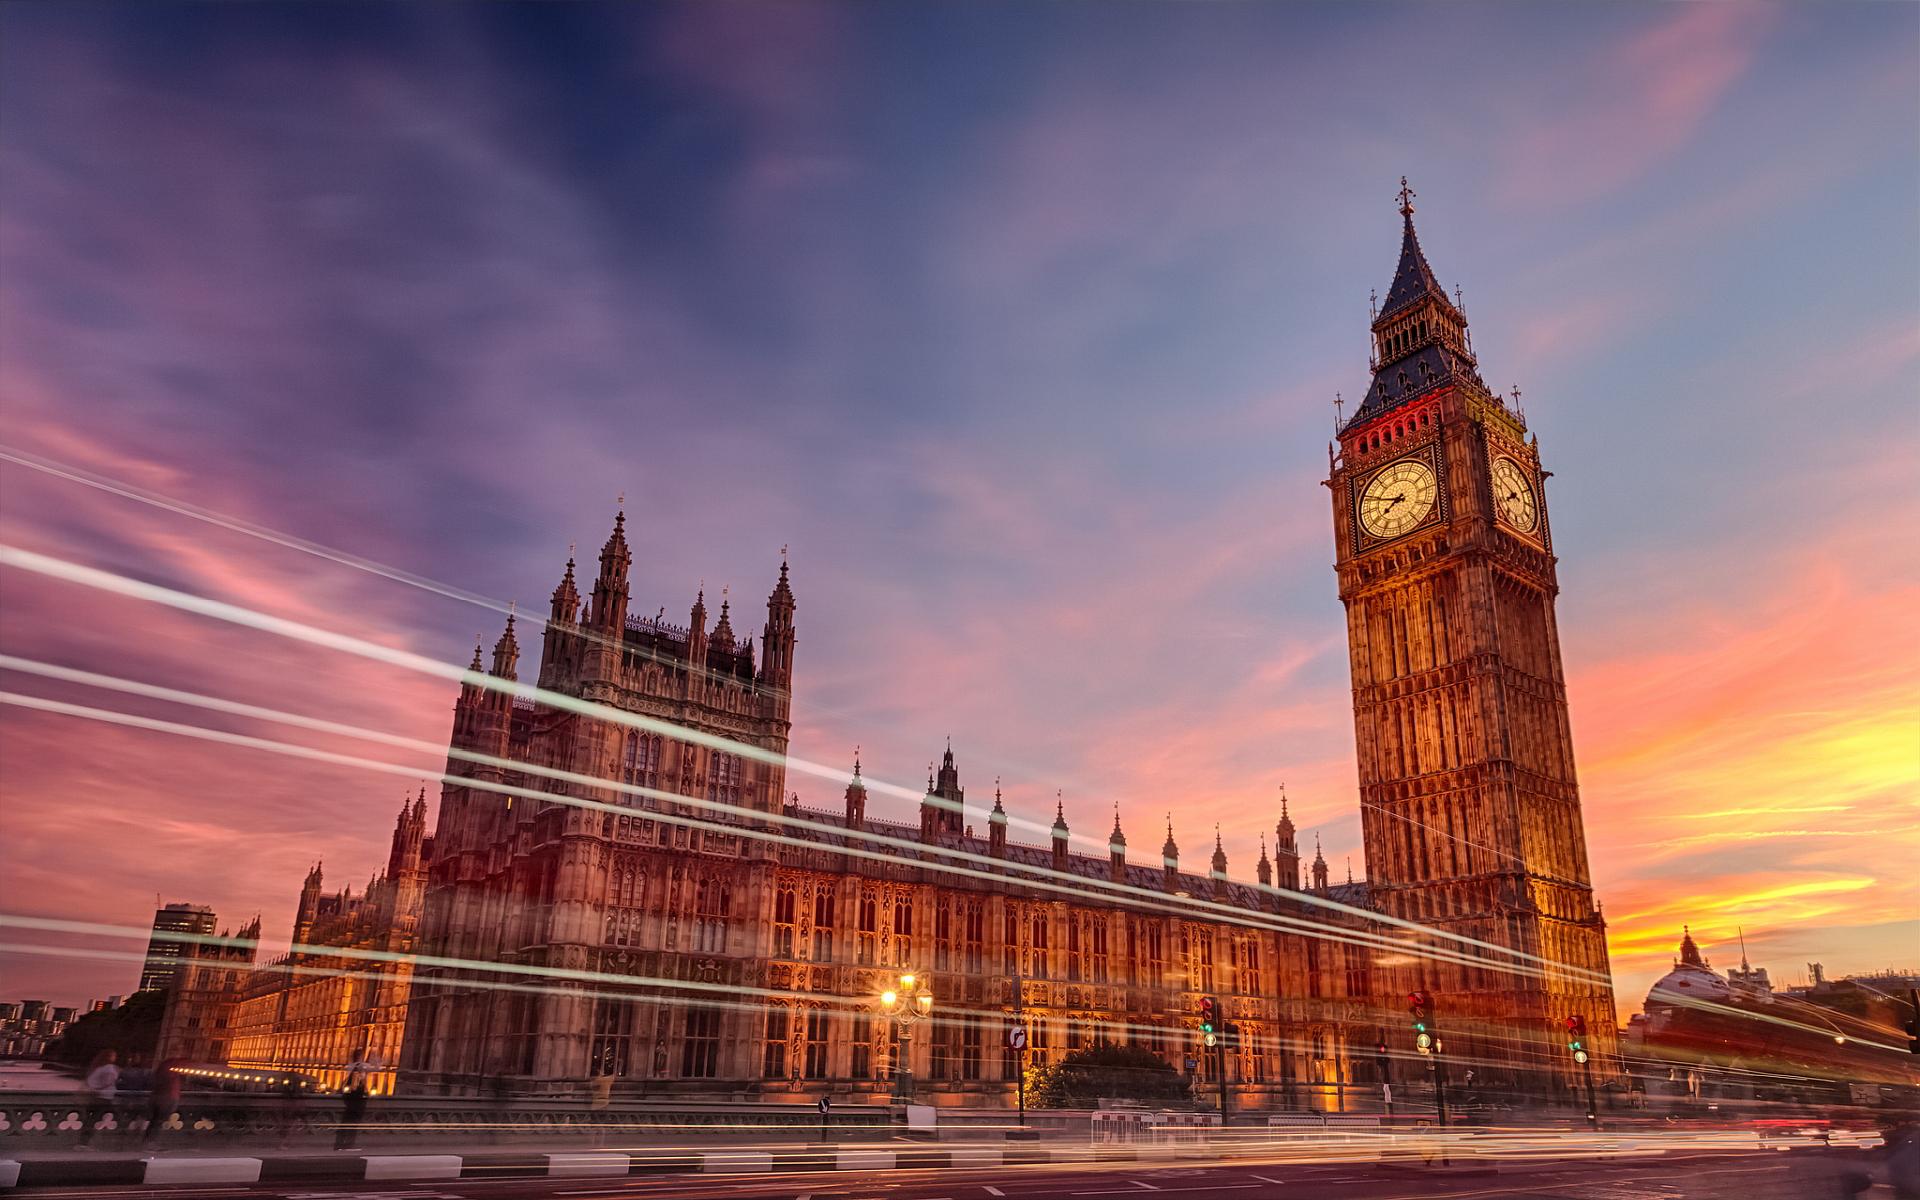 Palacio de Westminster y el Big Ben